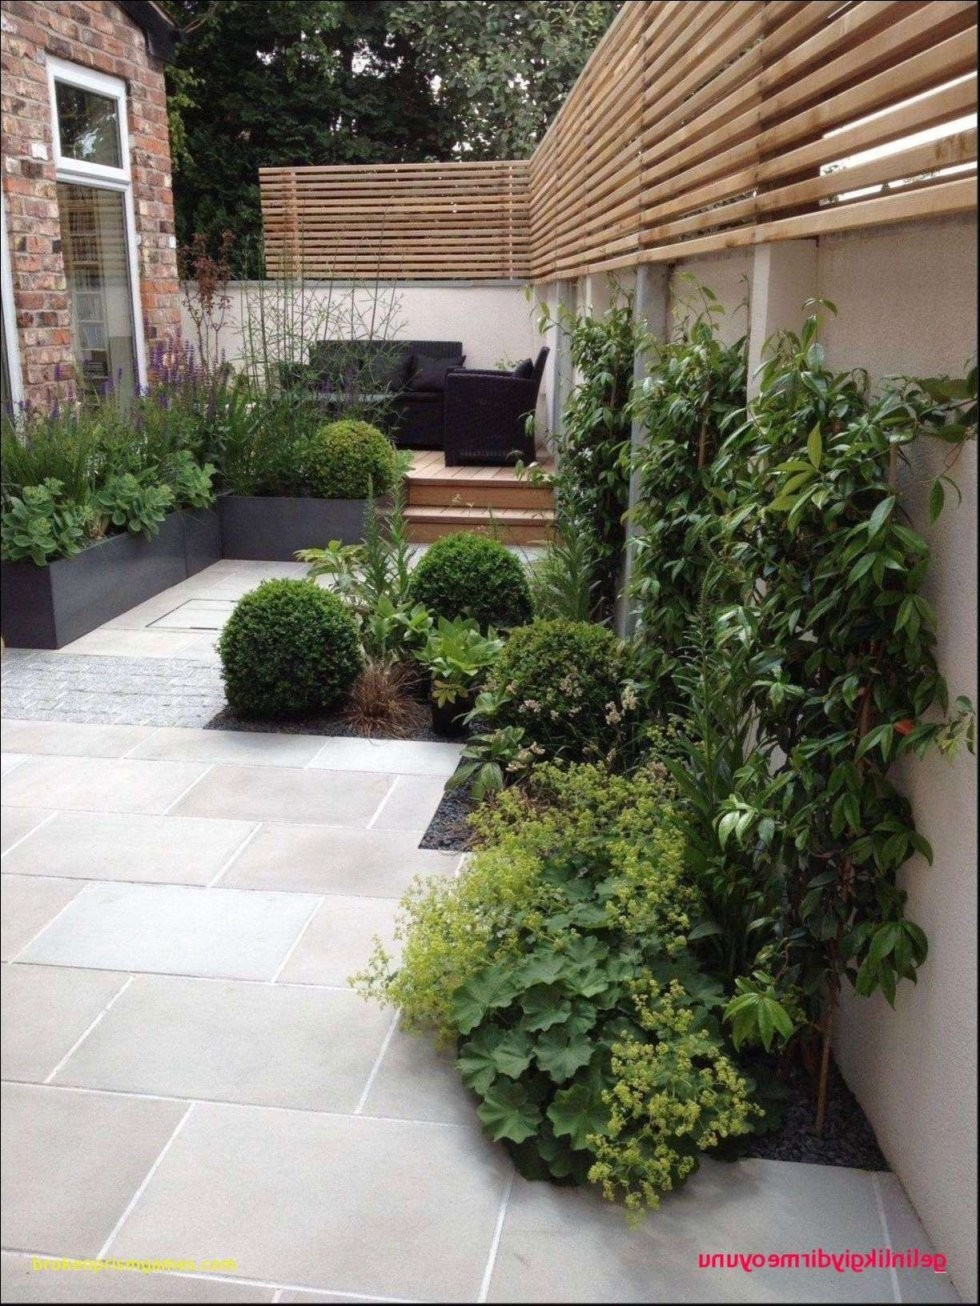 Vorgarten Gestalten Mit Kies Schema Von Gartengestaltung Kies von Vorgarten Gestalten Mit Kies Bild